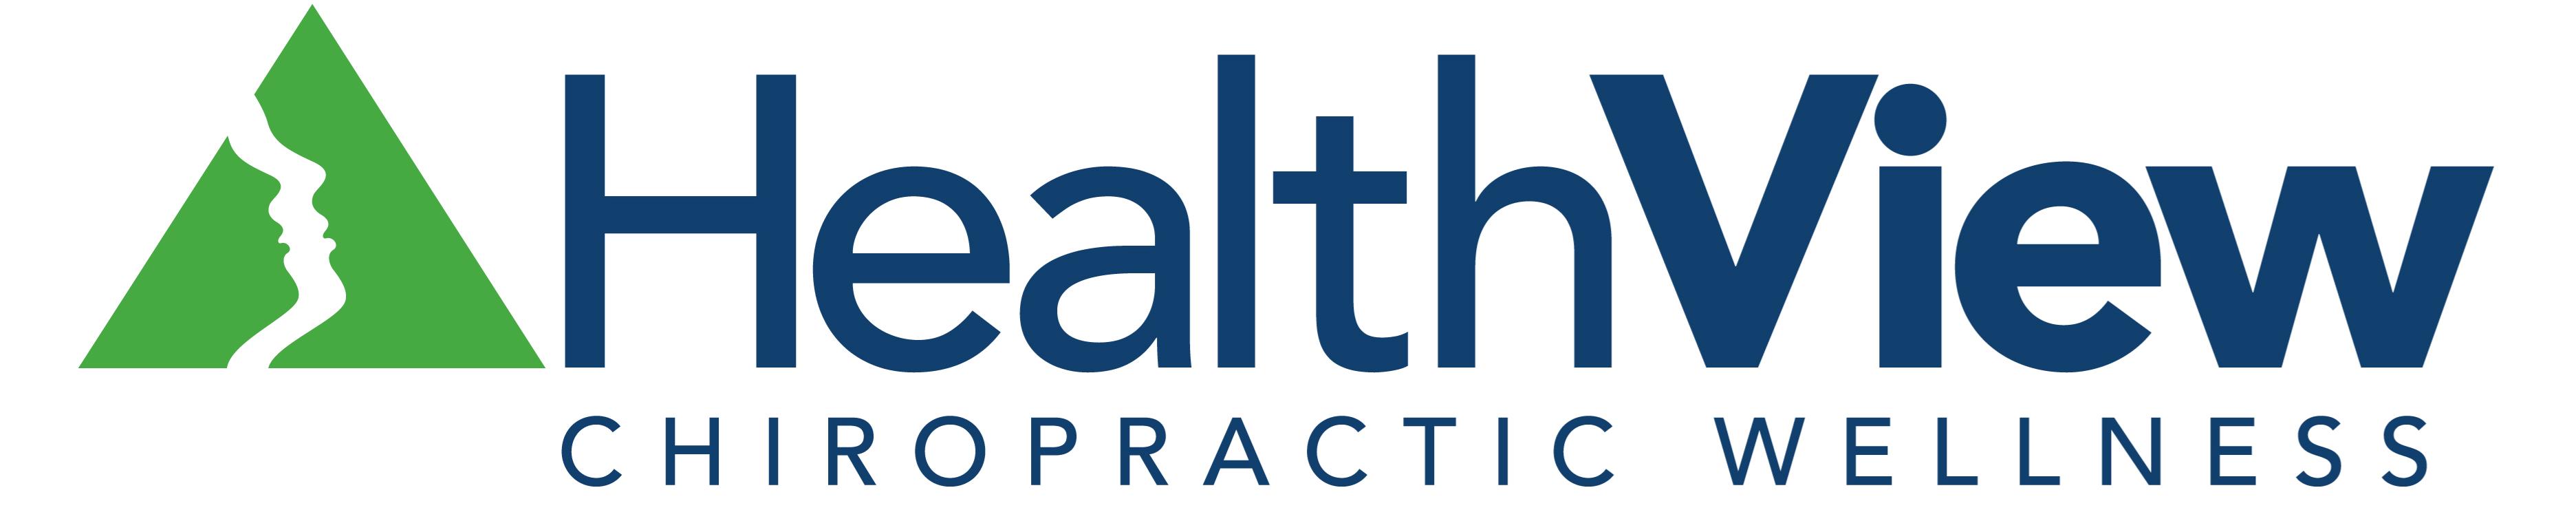 HealthView Chiropractic Wellness